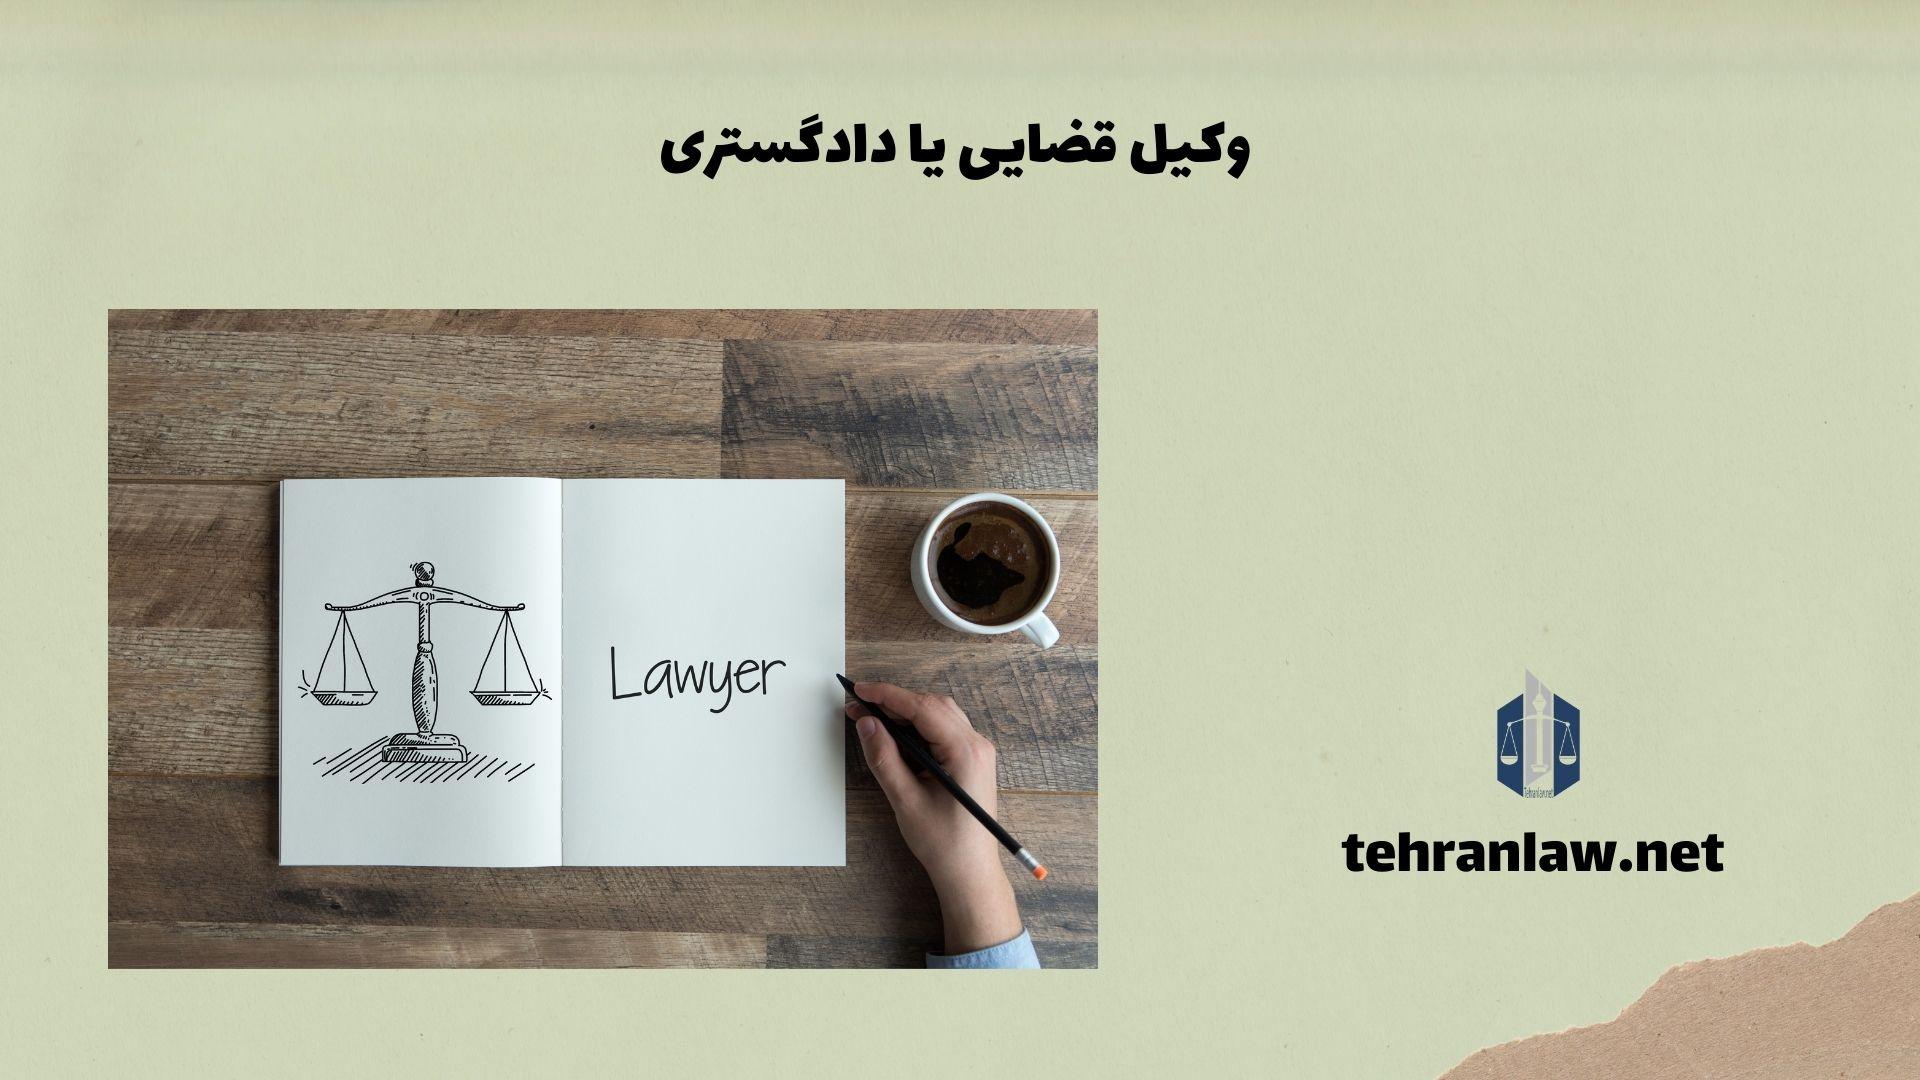 وکیل قضایی یا دادگستری